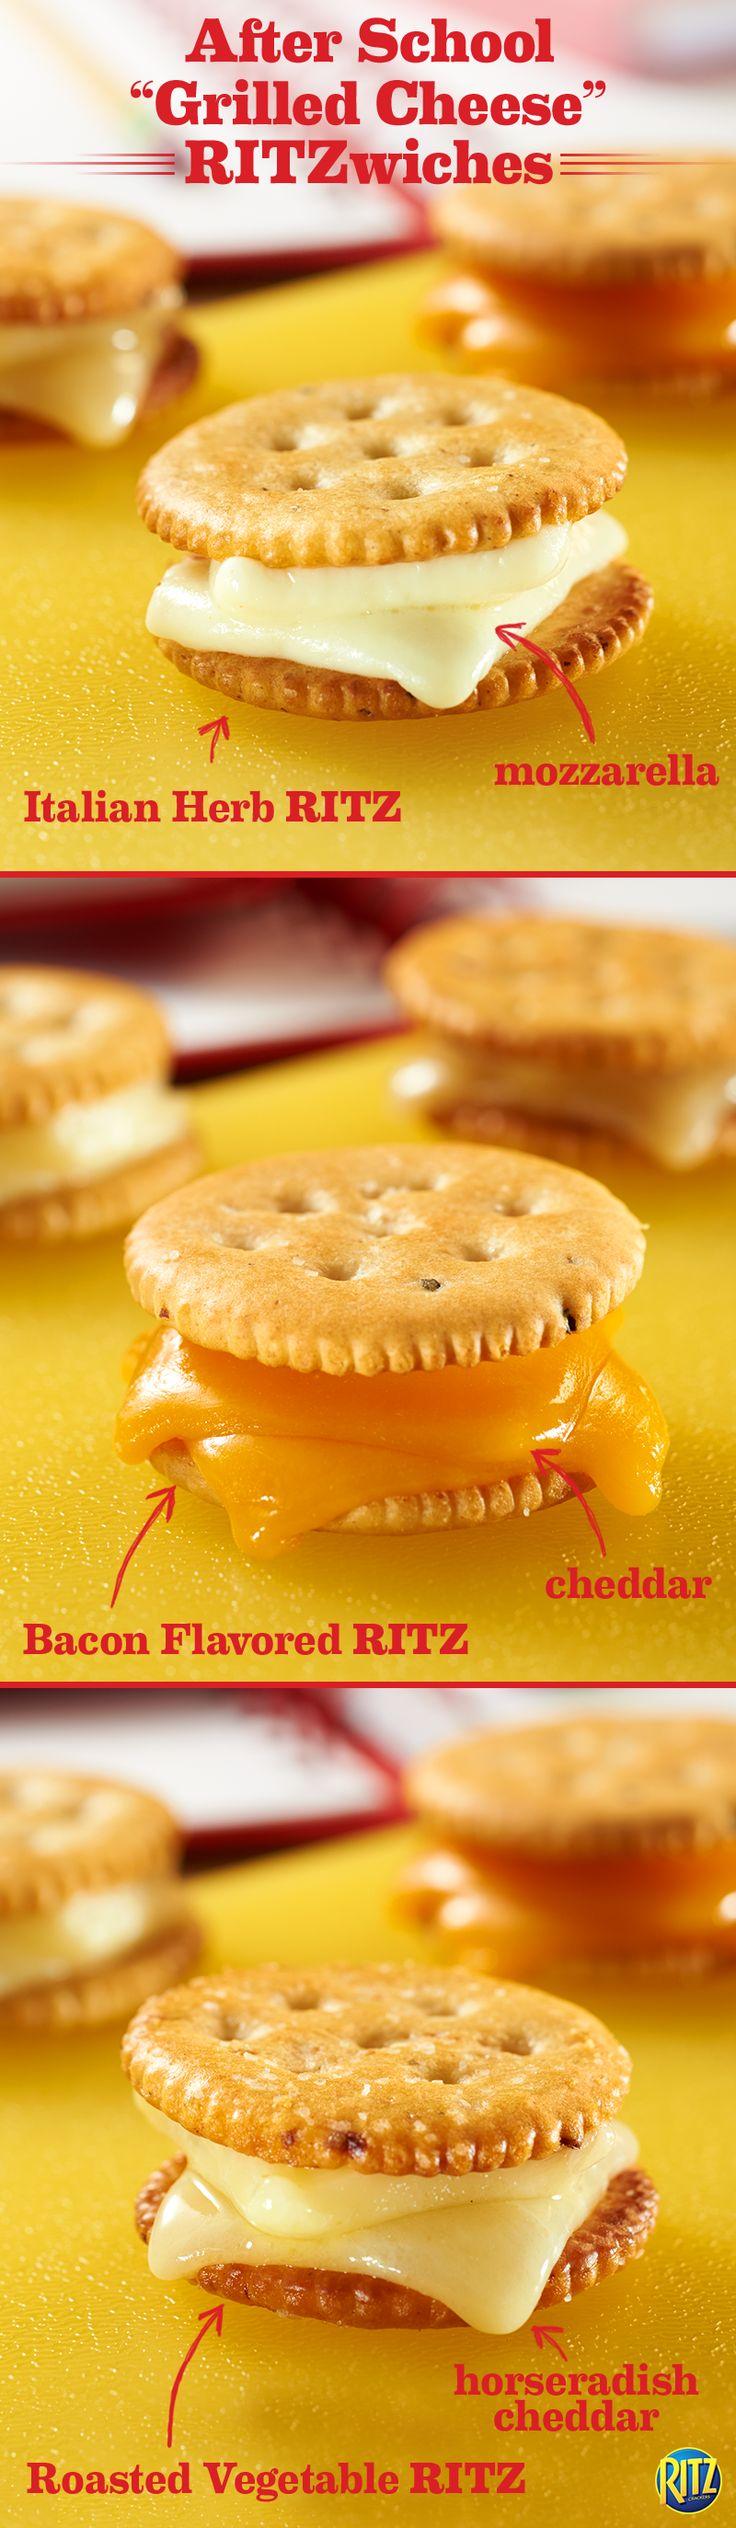 Mozzarella clipart cracker cheese